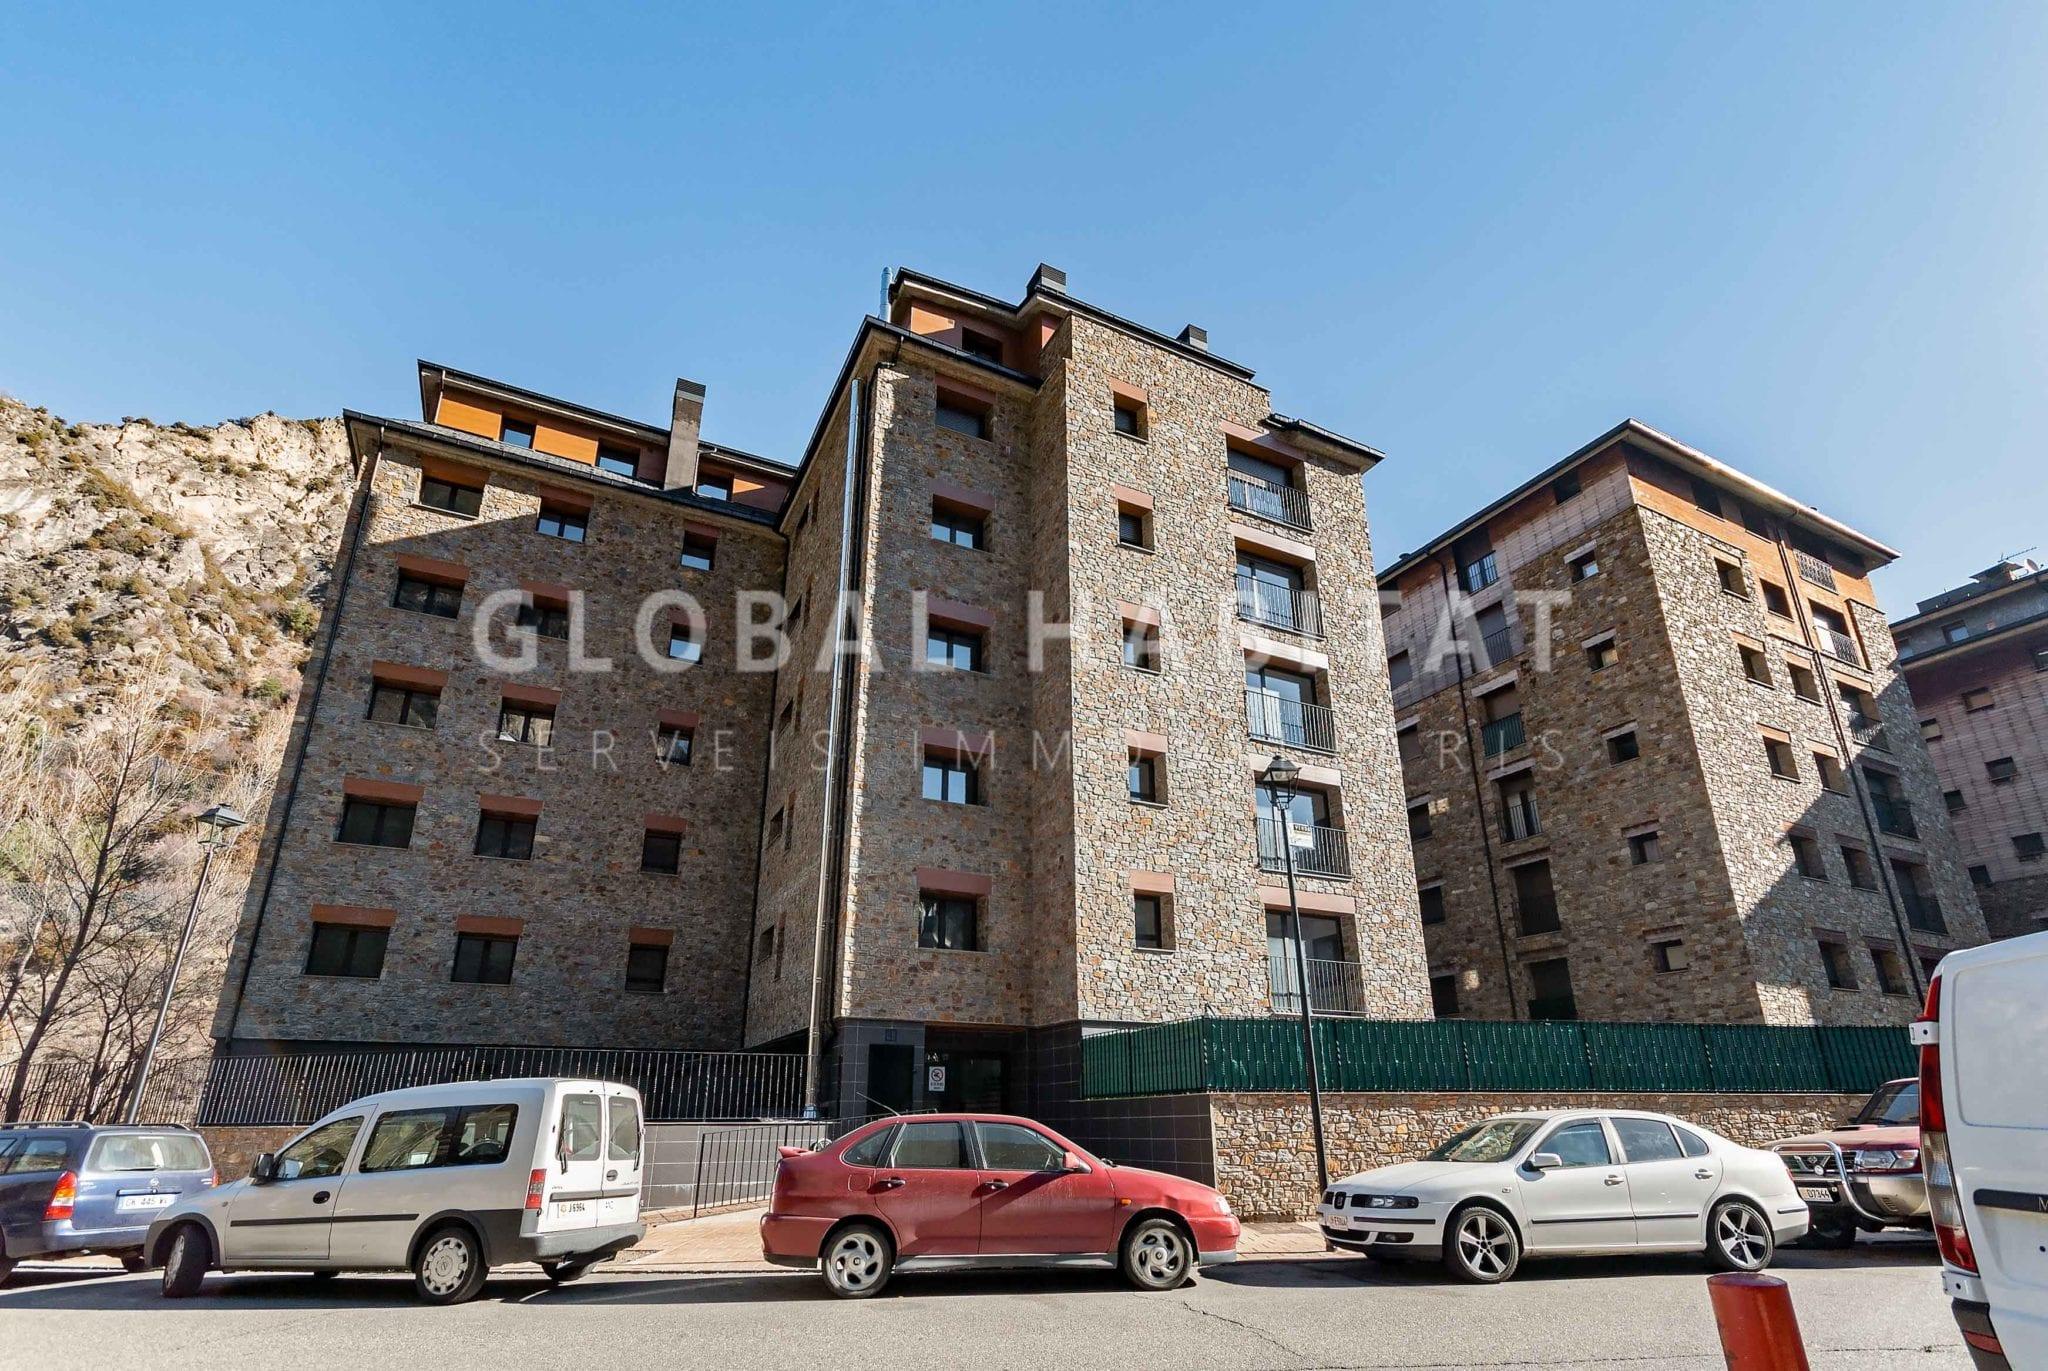 VENUT !!! Pis en Venda, Nova construcció, Sant Julià de Lòria, Andorra